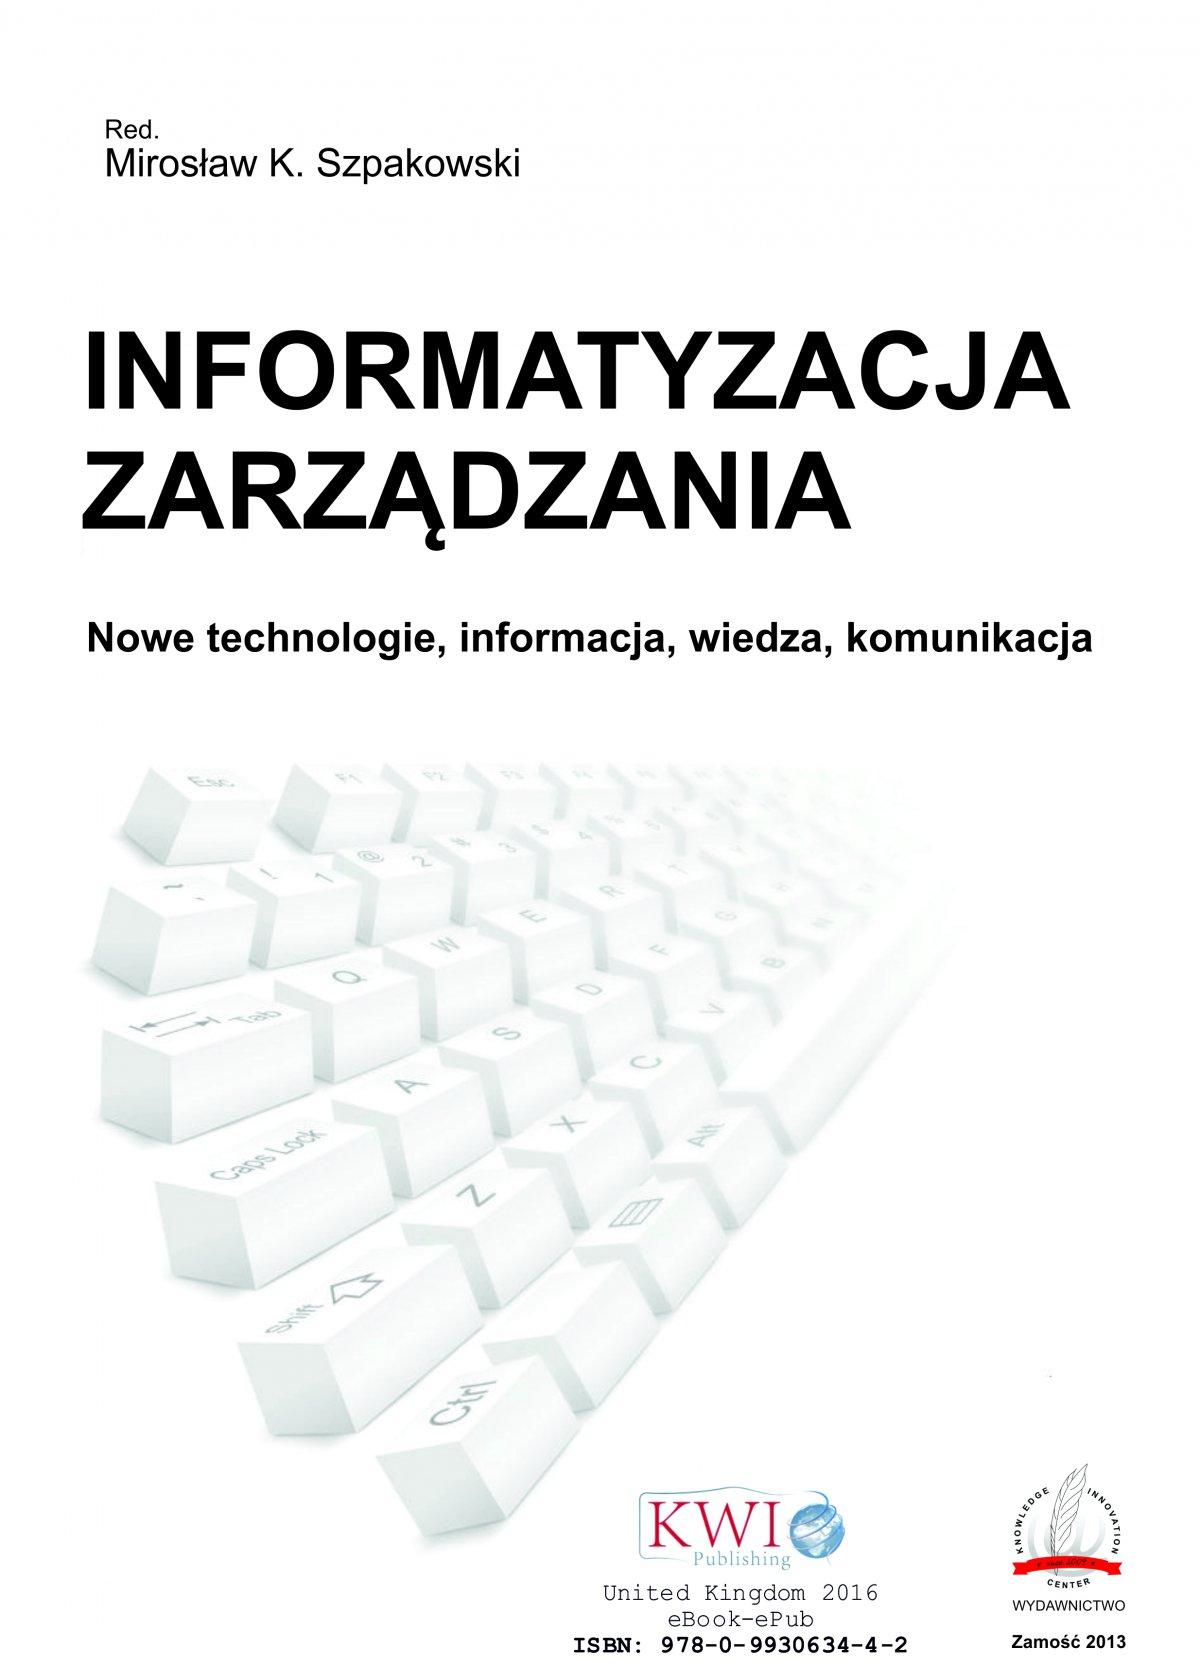 Informatyzacja zarządzania. Nowe technologie, informacja, wiedza, komunikacja - Ebook (Książka EPUB) do pobrania w formacie EPUB